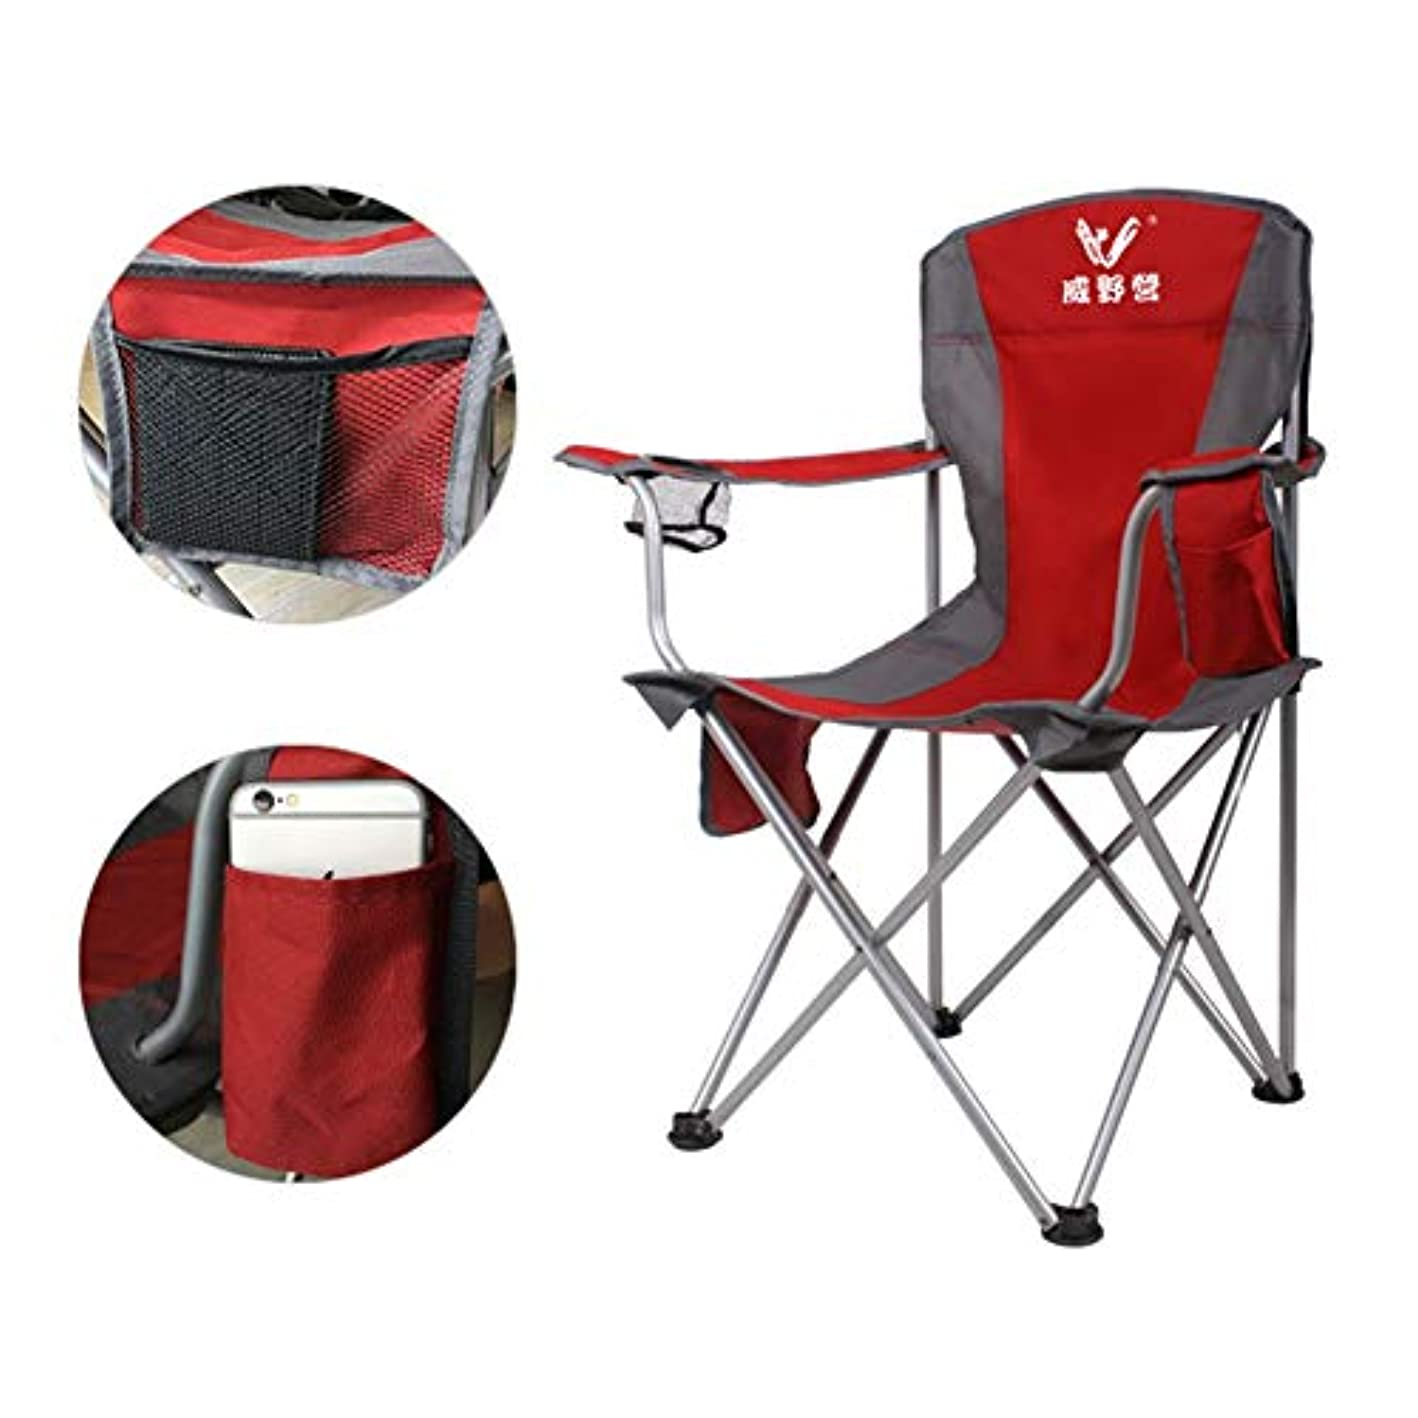 ぬるいリラックス記述するアウトドアチェア、 カップホルダーおよび側面のポケットが付いている折る軽量のキャンプチェア、浜のための屋外の大人のキャンプチェア/遠足/釣り/フットボールの試合 (Color : Red)